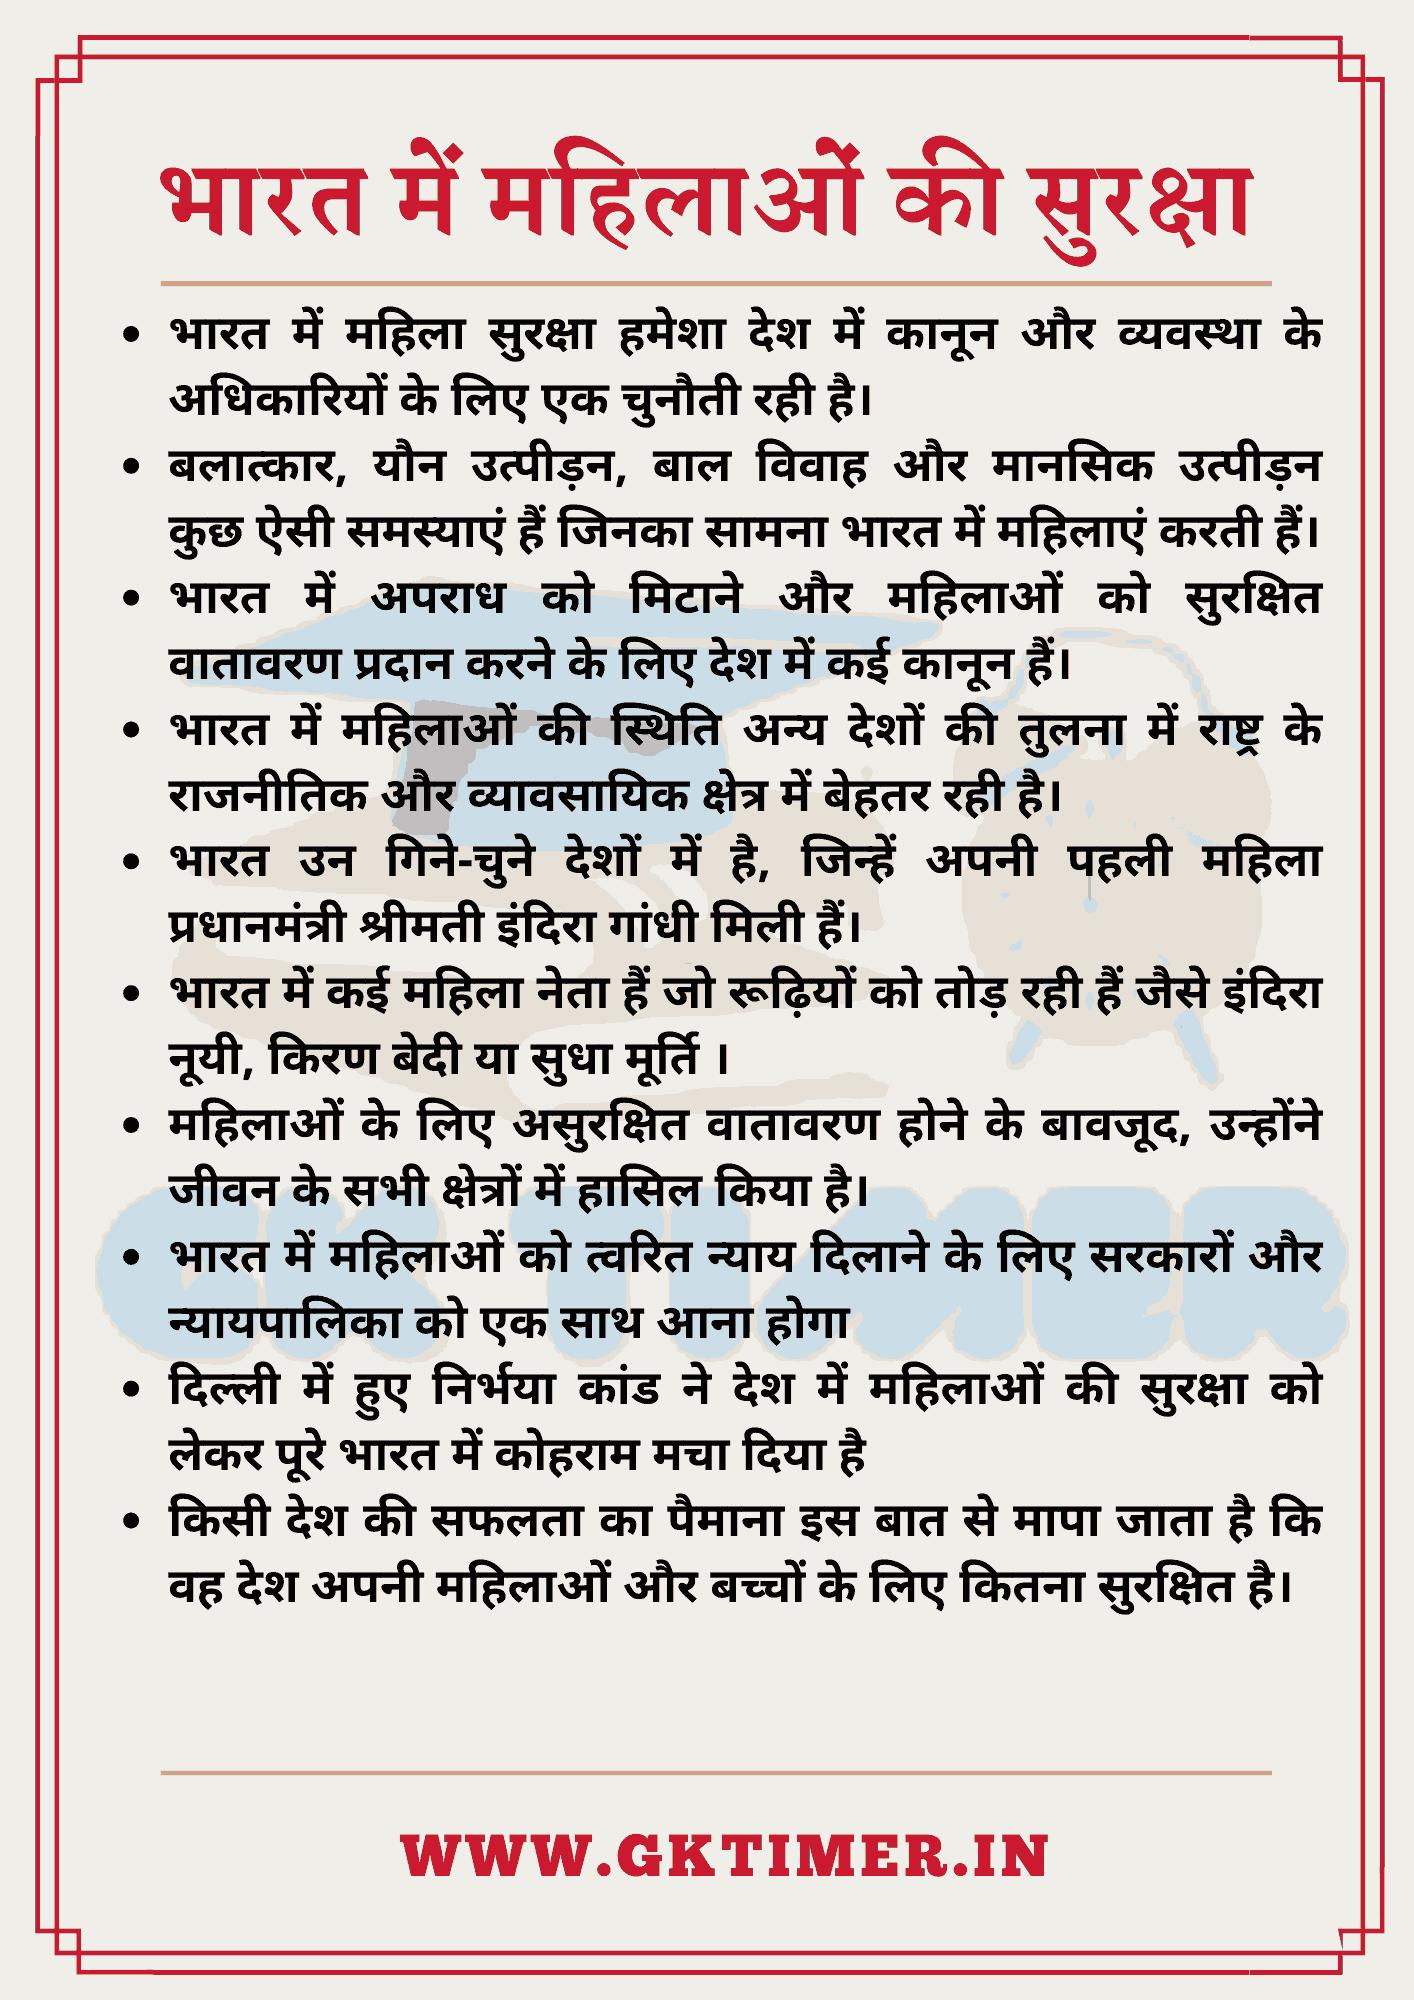 भारत में महिलाओं की सुरक्षा पर निबंध   Essay on Safety of Women in India in Hindi   10 Lines on Safety of Women in India in Hindi